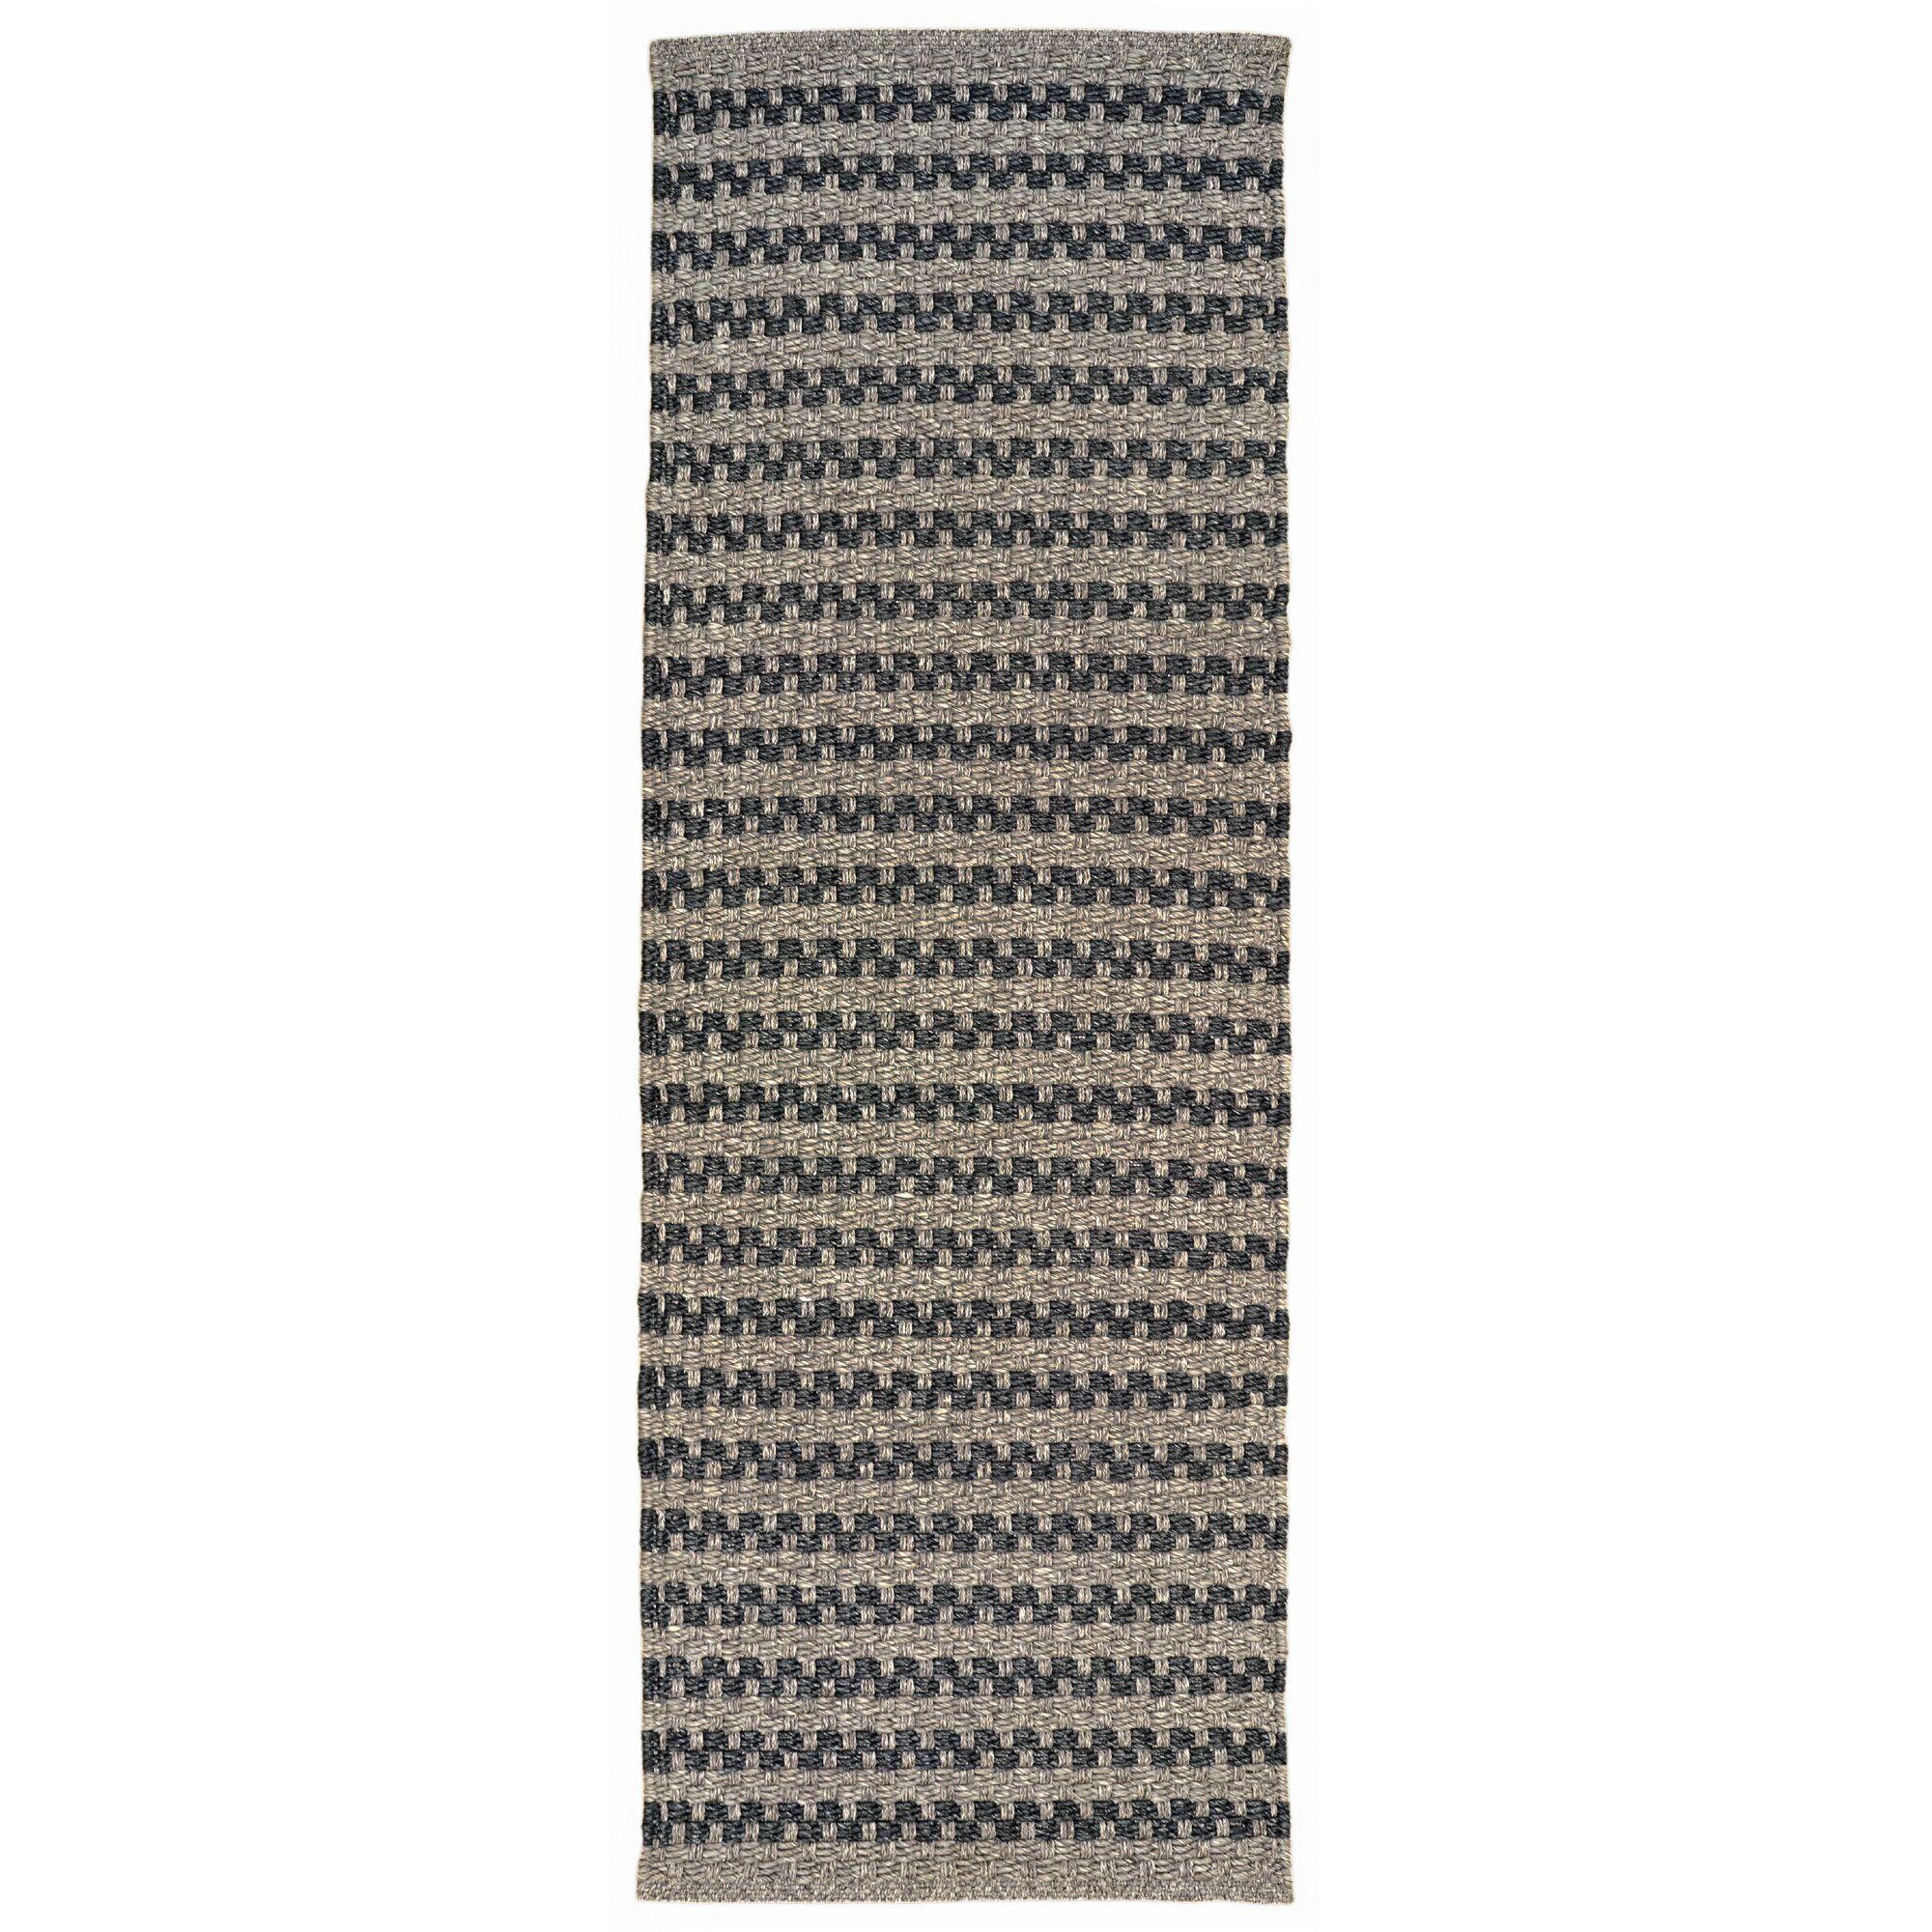 Havana Hand-Woven Gray Indoor/Outdoor Area Rug Rug Size: Runner 2' x 8'